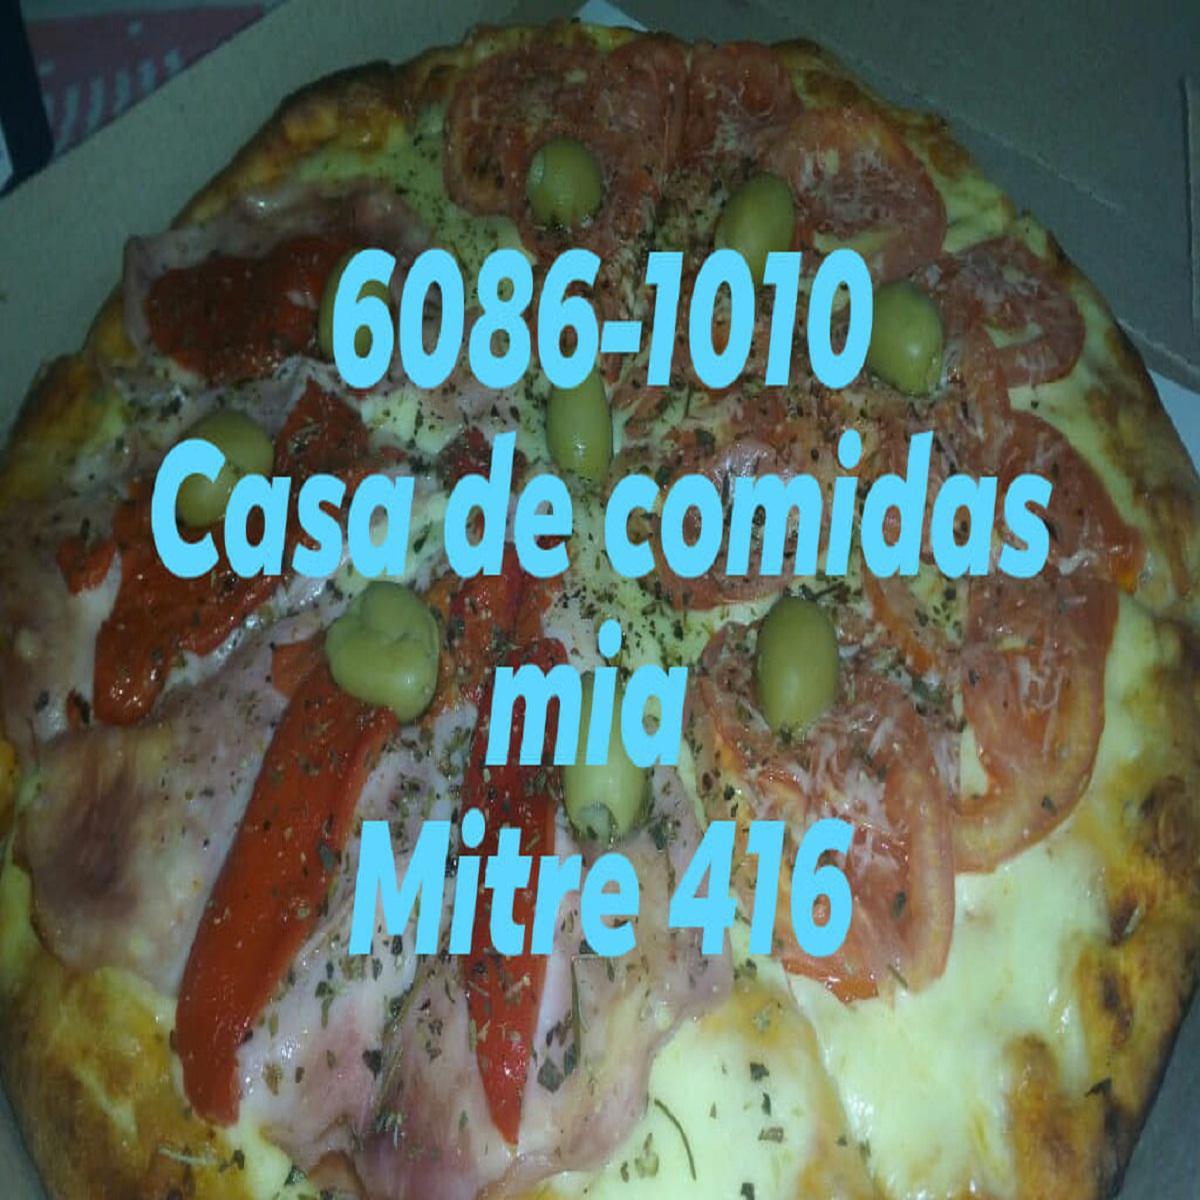 CASA DE COMIDAS MIA